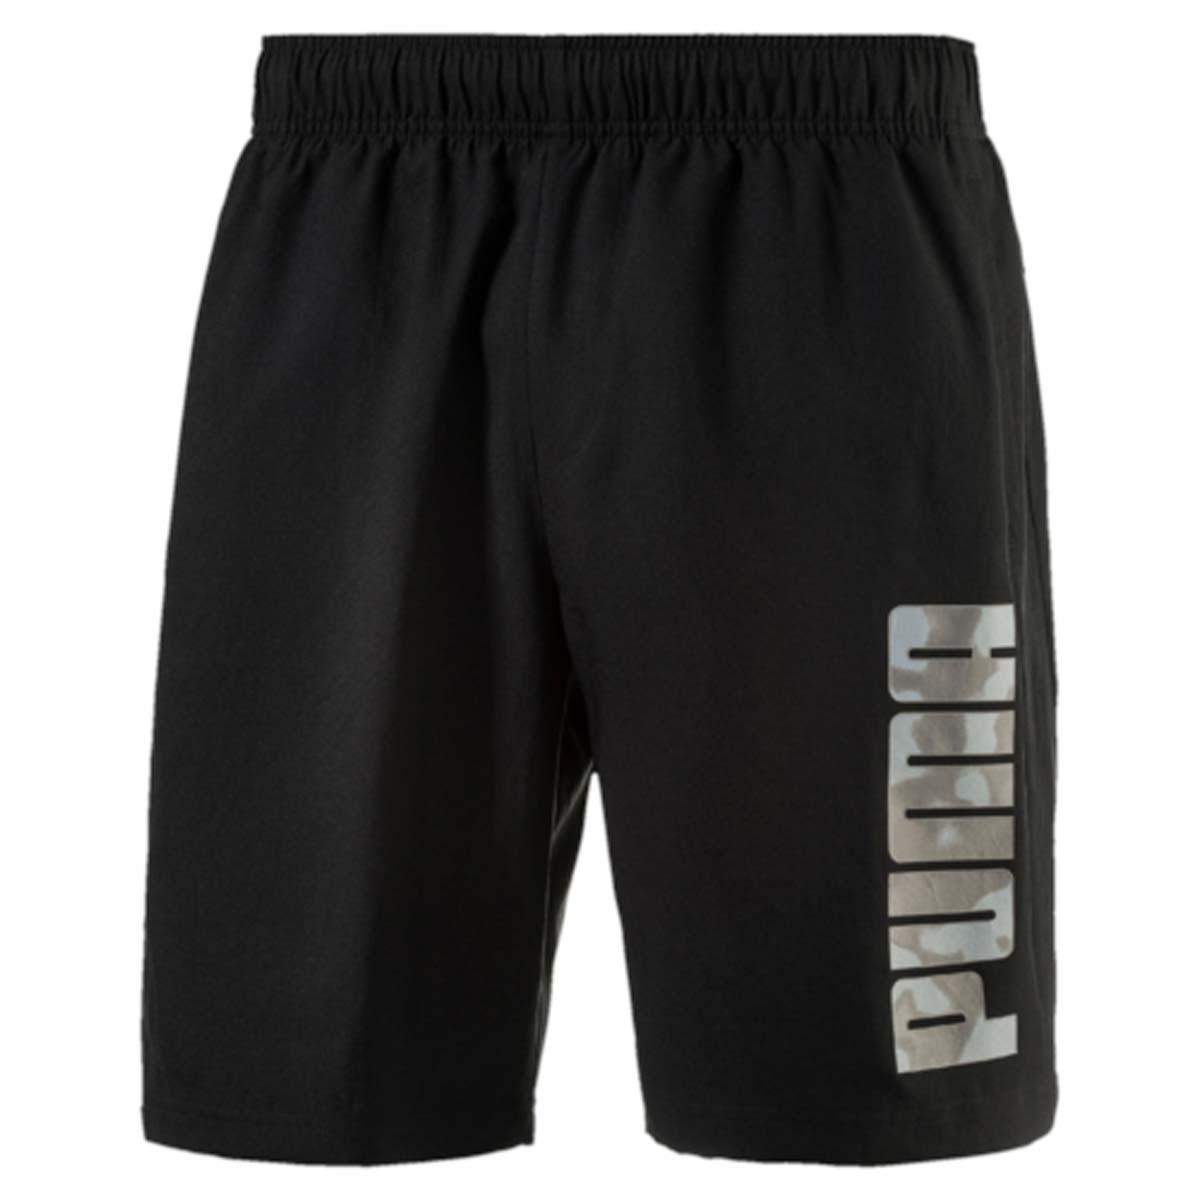 Шорты83832731Шорты мужские Hero Woven Shorts выполнены из 100% полиэстера с биопропиткой, которая позволяет выводить влагу наружу, сохранять сухость и комфорт даже при интенсивных нагрузках. Шорты декорированы логотипом PUMA на левой штанине. Среди других особенностей изделия - эластичный пояс с затягивающимся шнуром, боковые карманы в швах, нашитая сверху задняя кокетка для лучшей посадки по фигуре, светоотражающие элементы. Удобные свободные шорты отлично подойдут для занятий спортом и повседневной носки.